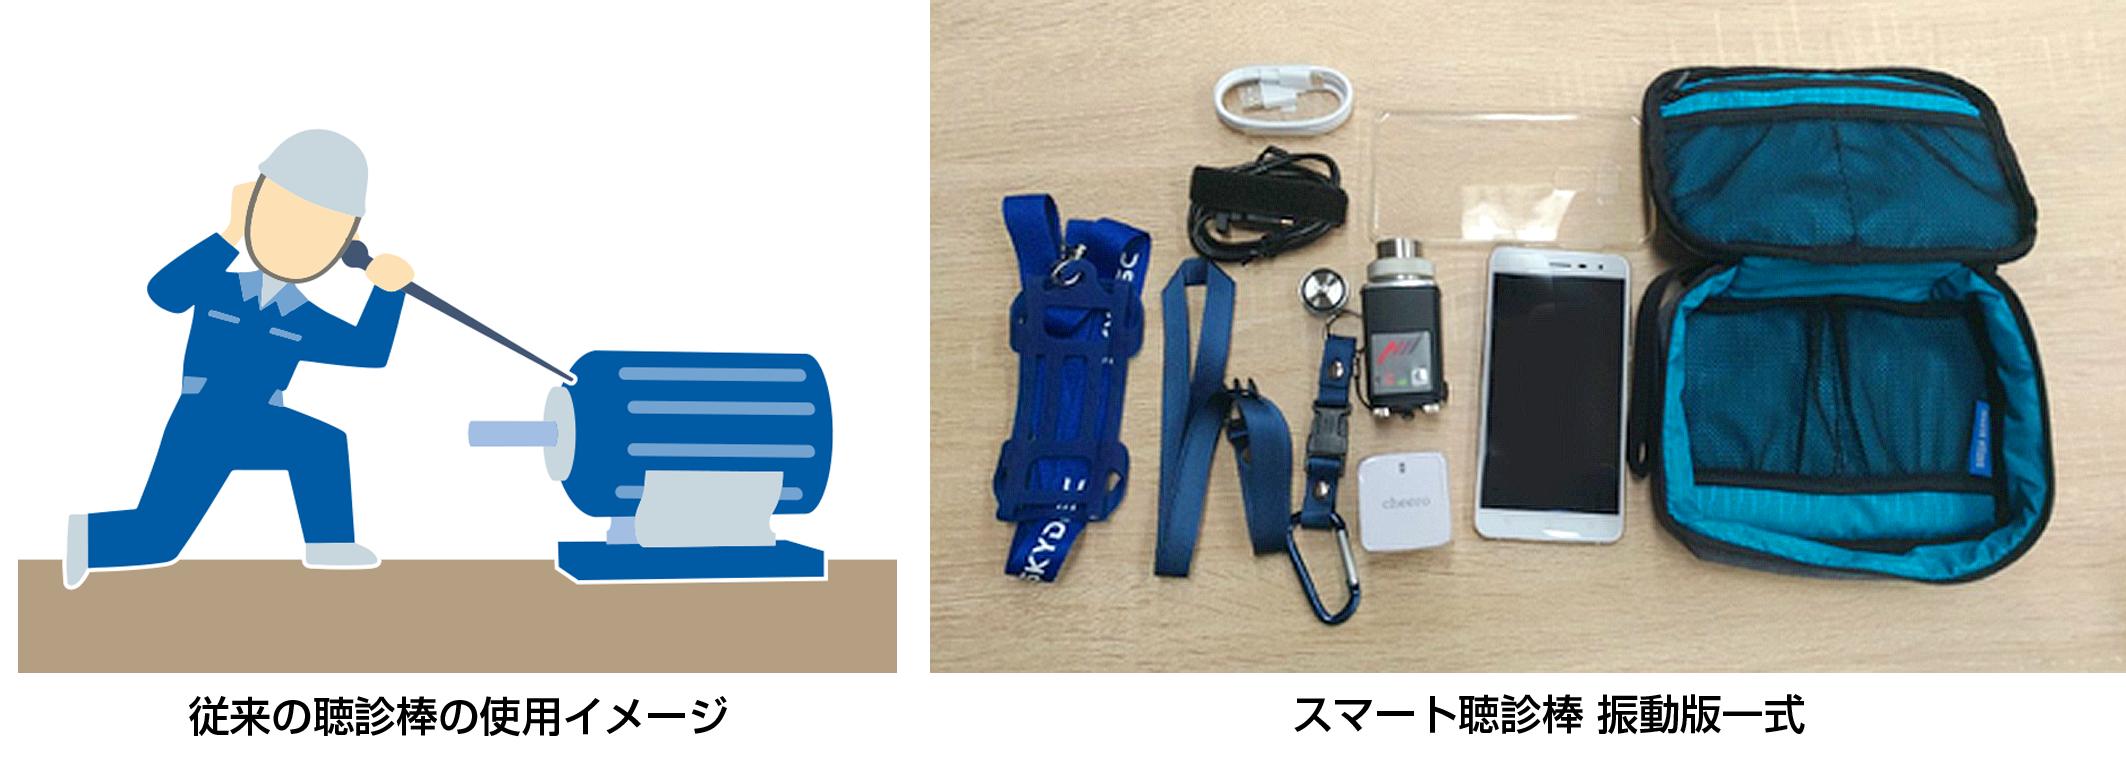 従来の聴診棒の使用イメージ